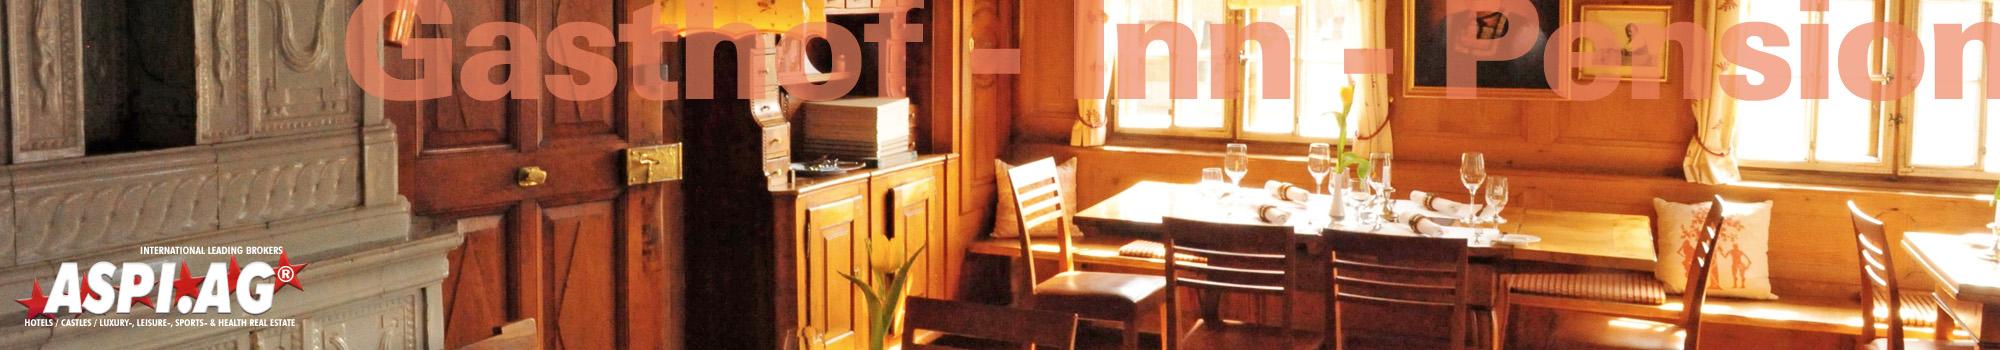 Gasthof Pension Appartementhaus kaufen verkaufen pachten bei Hotelmakler ASP